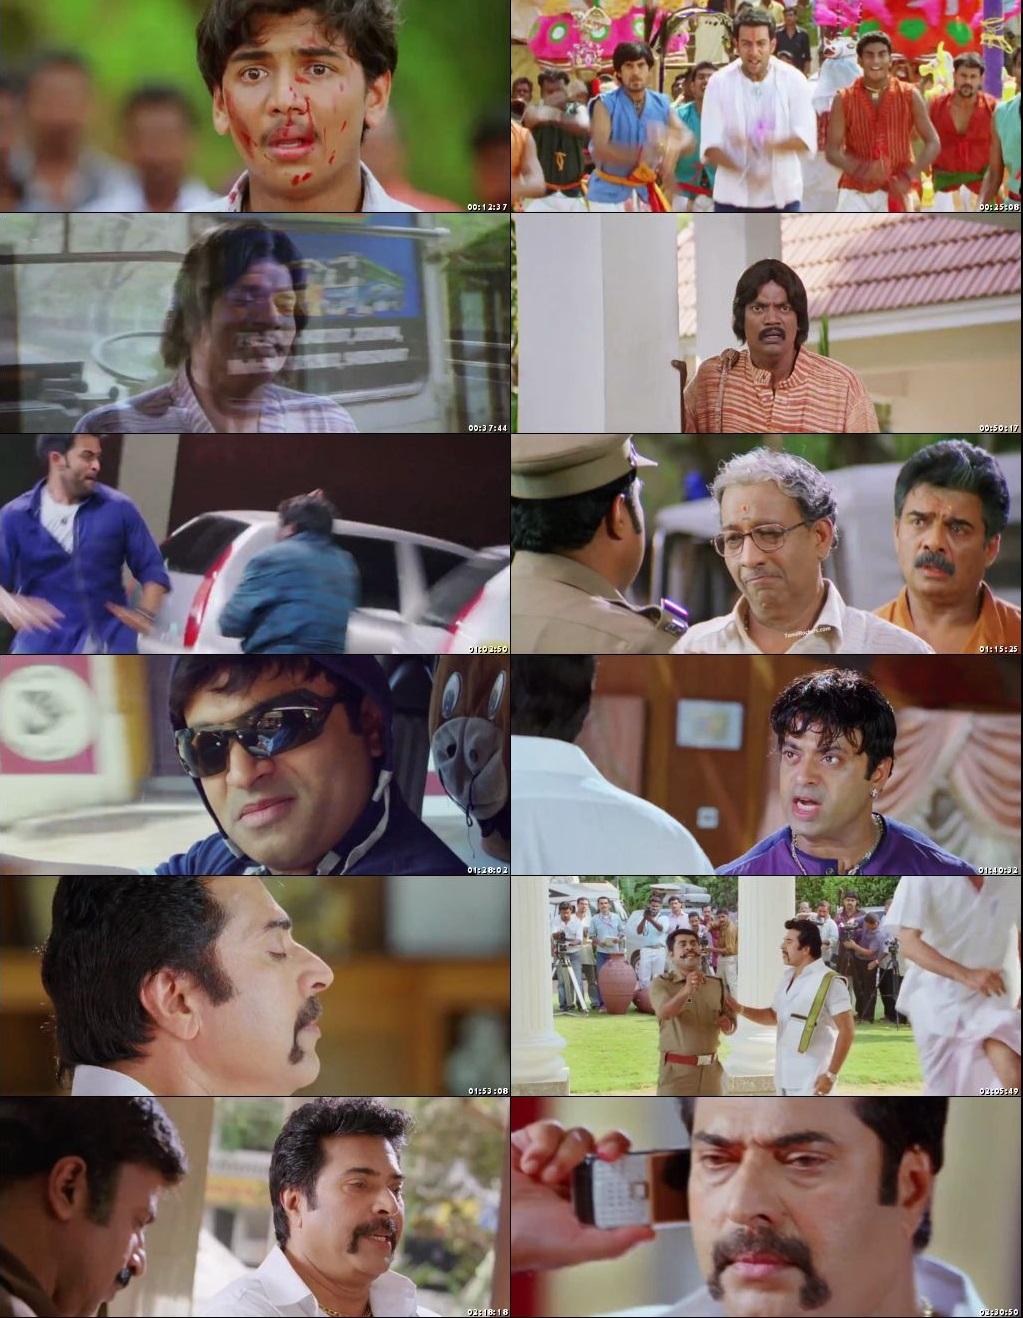 Pokkiri Raja 2016 tamil/telugu full movie download in hindi download 720p